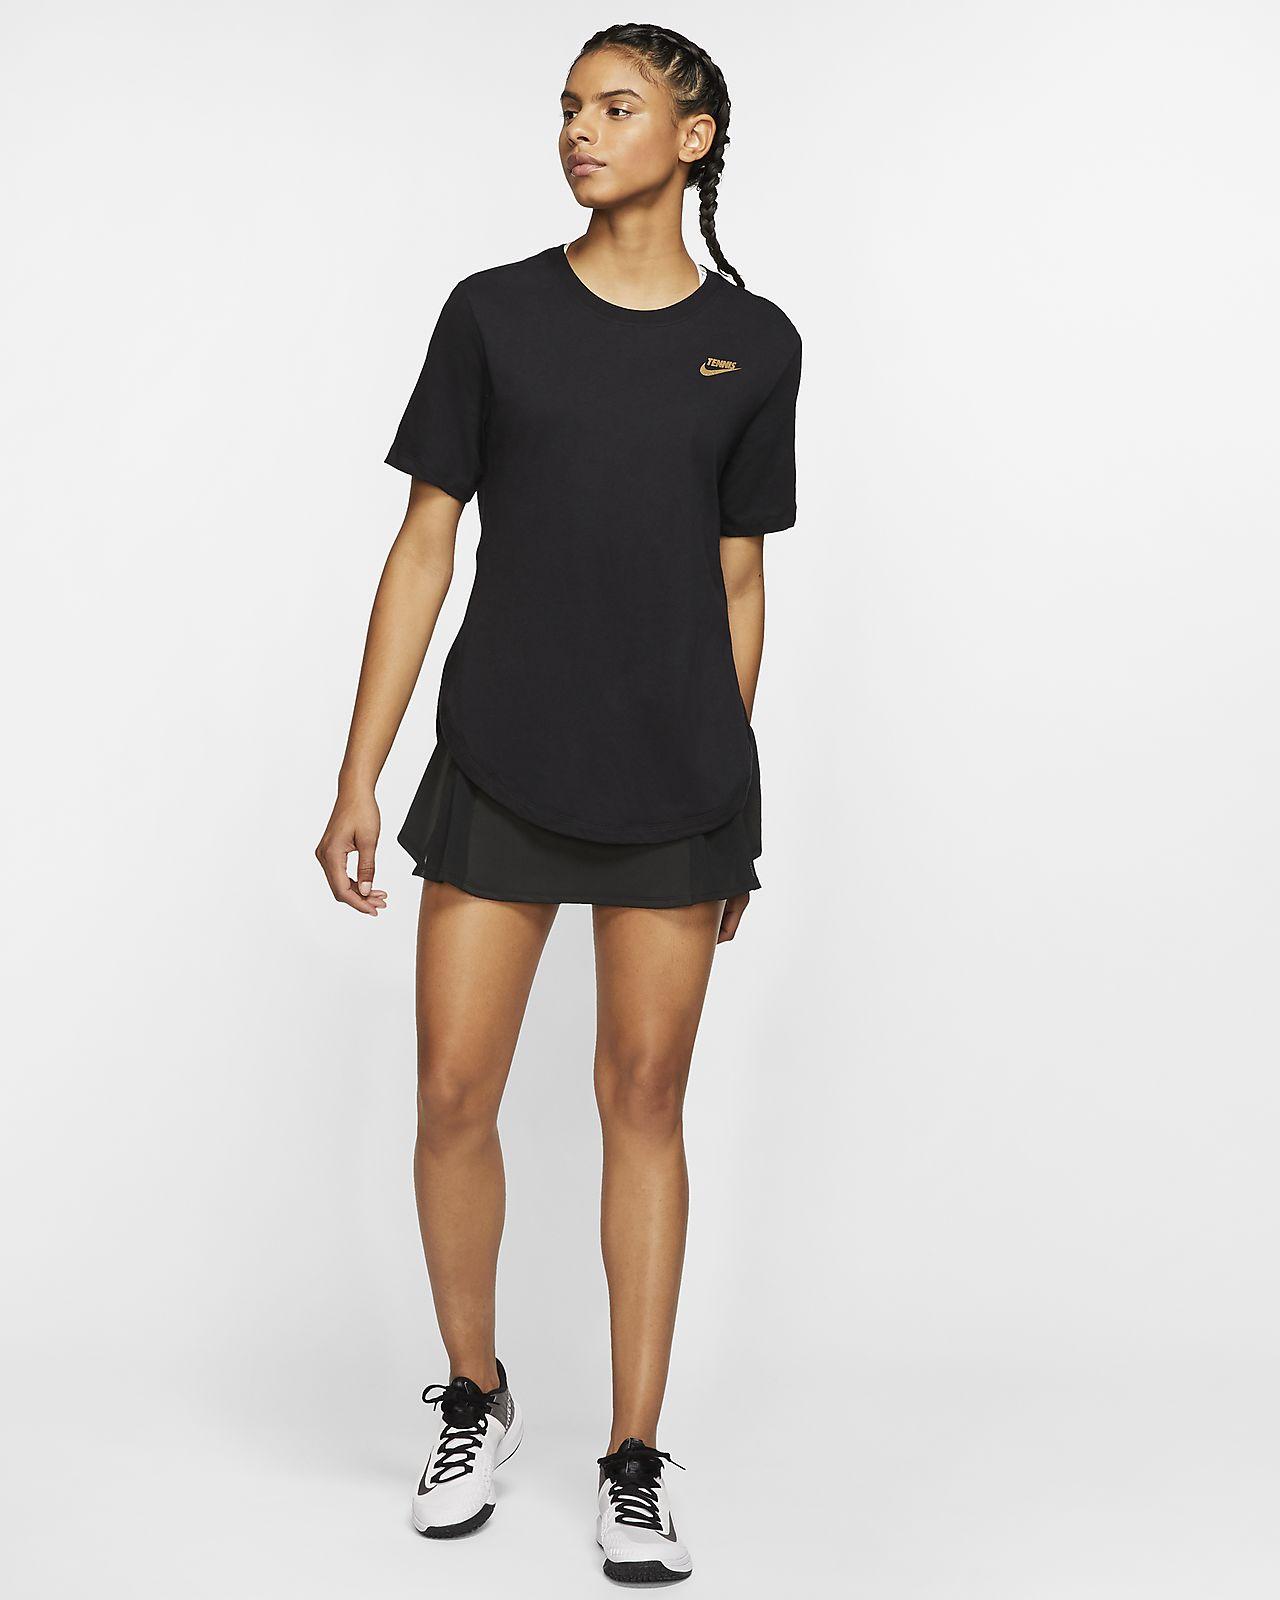 NikeCourt tennis T shirt med grafik til kvinder. Nike DK